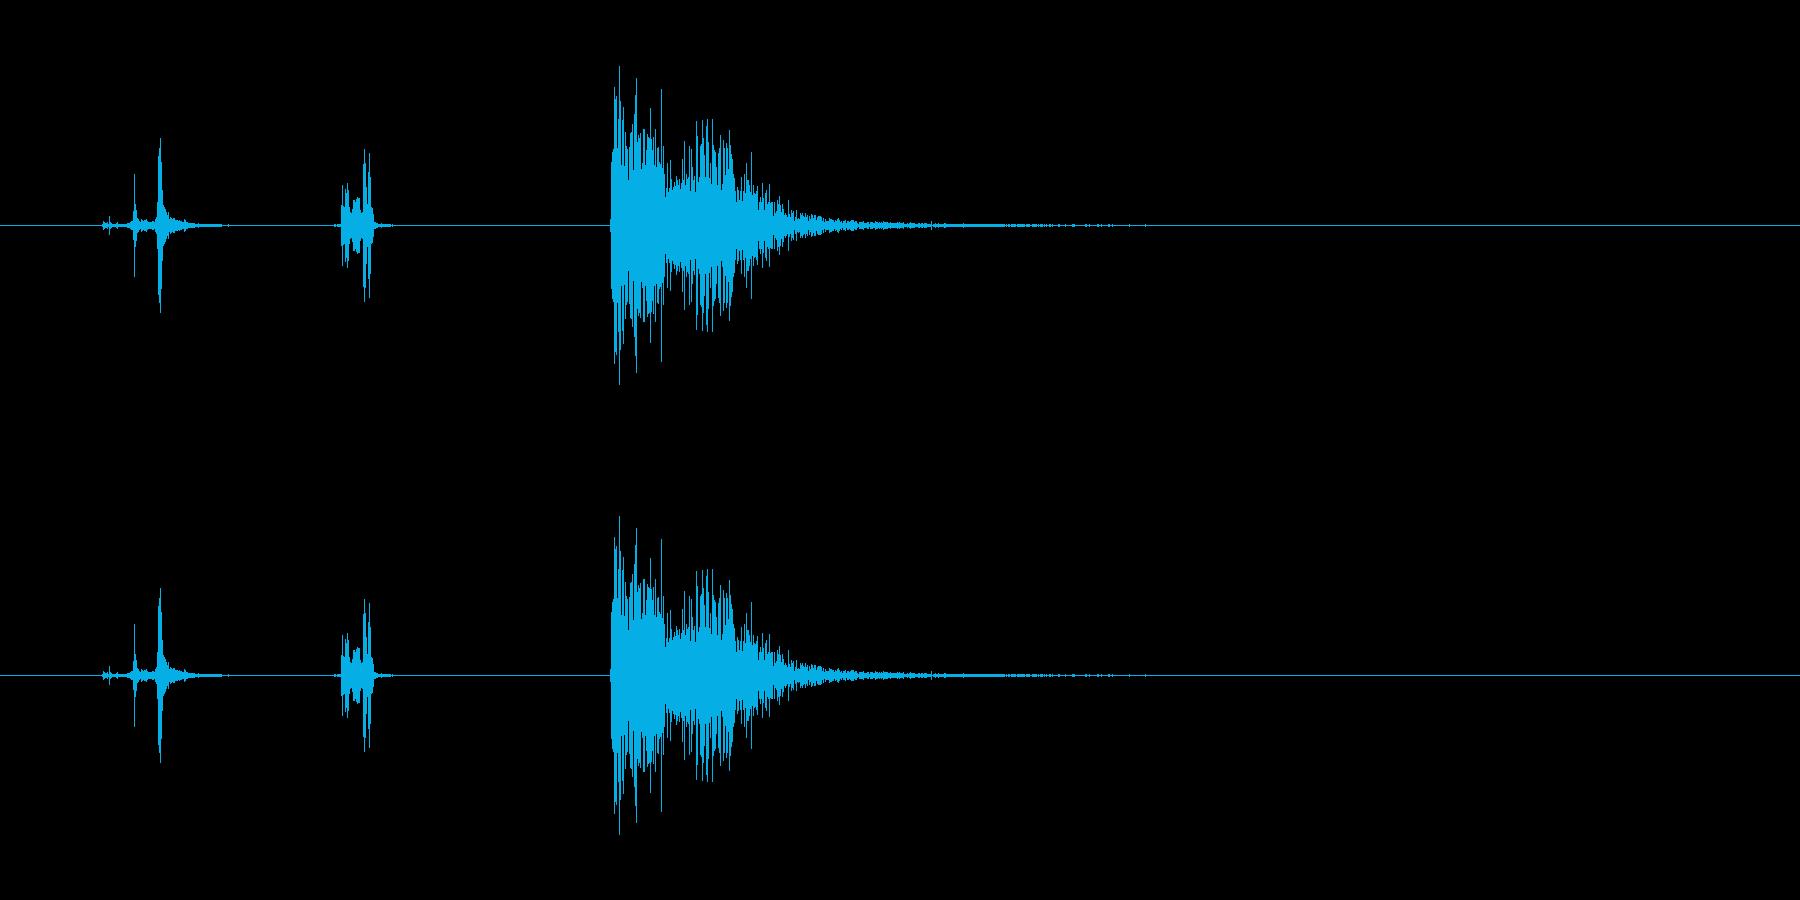 攻撃音(拳銃)の再生済みの波形